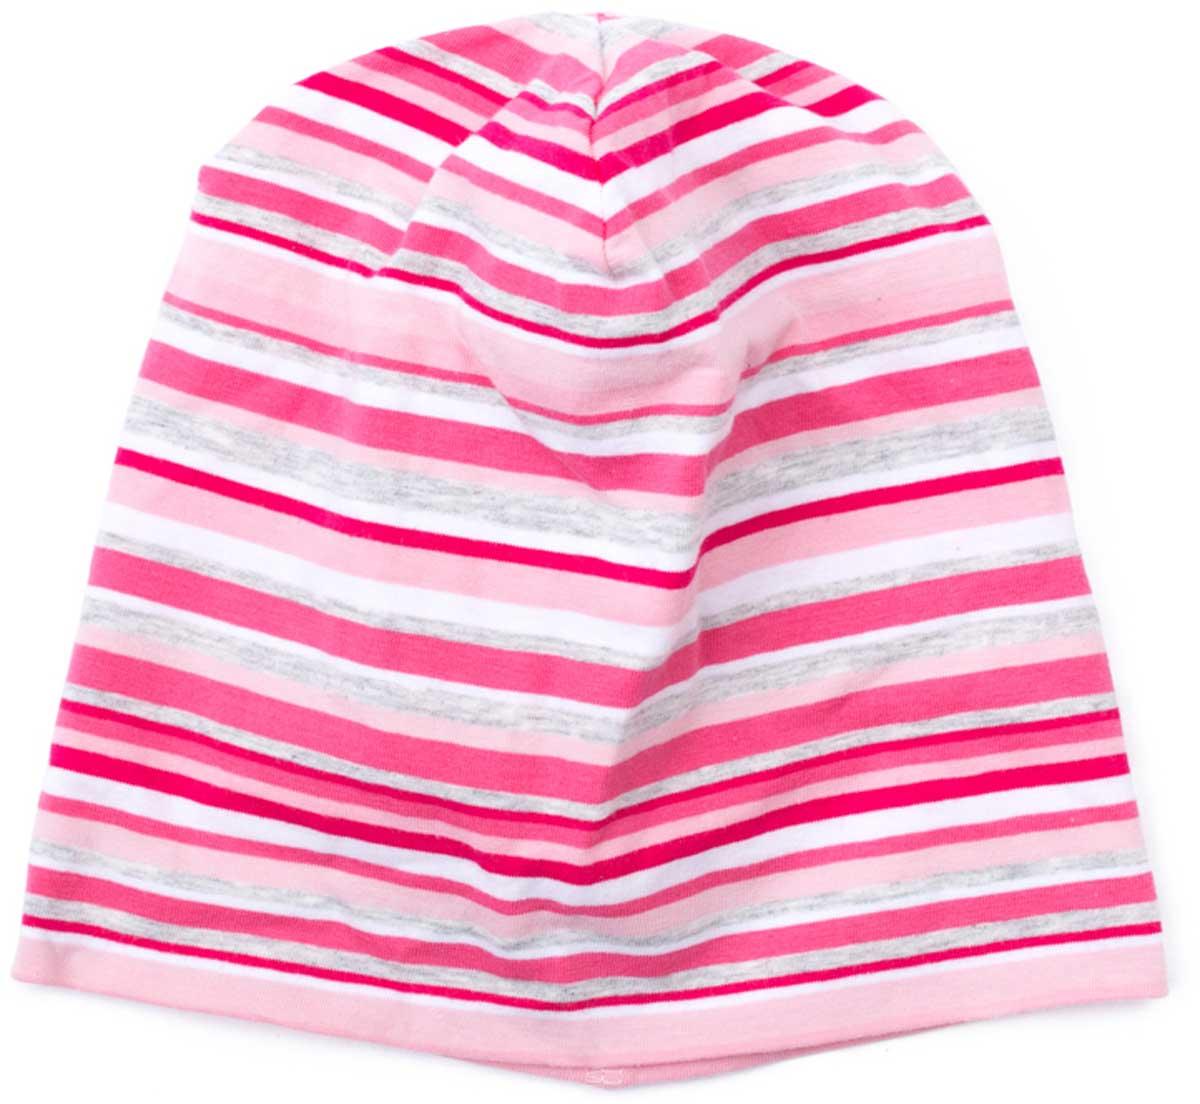 Шапка детская178036Шапка для девочки PlayToday выполненная из хлопка и эластана подойдет вашему ребенку для прогулок в прохладную погоду. Модель без завязок, плотно прилегает к голове, комфортна при носке. Уважаемые клиенты! Размер, доступный для заказа, является обхватом головы.